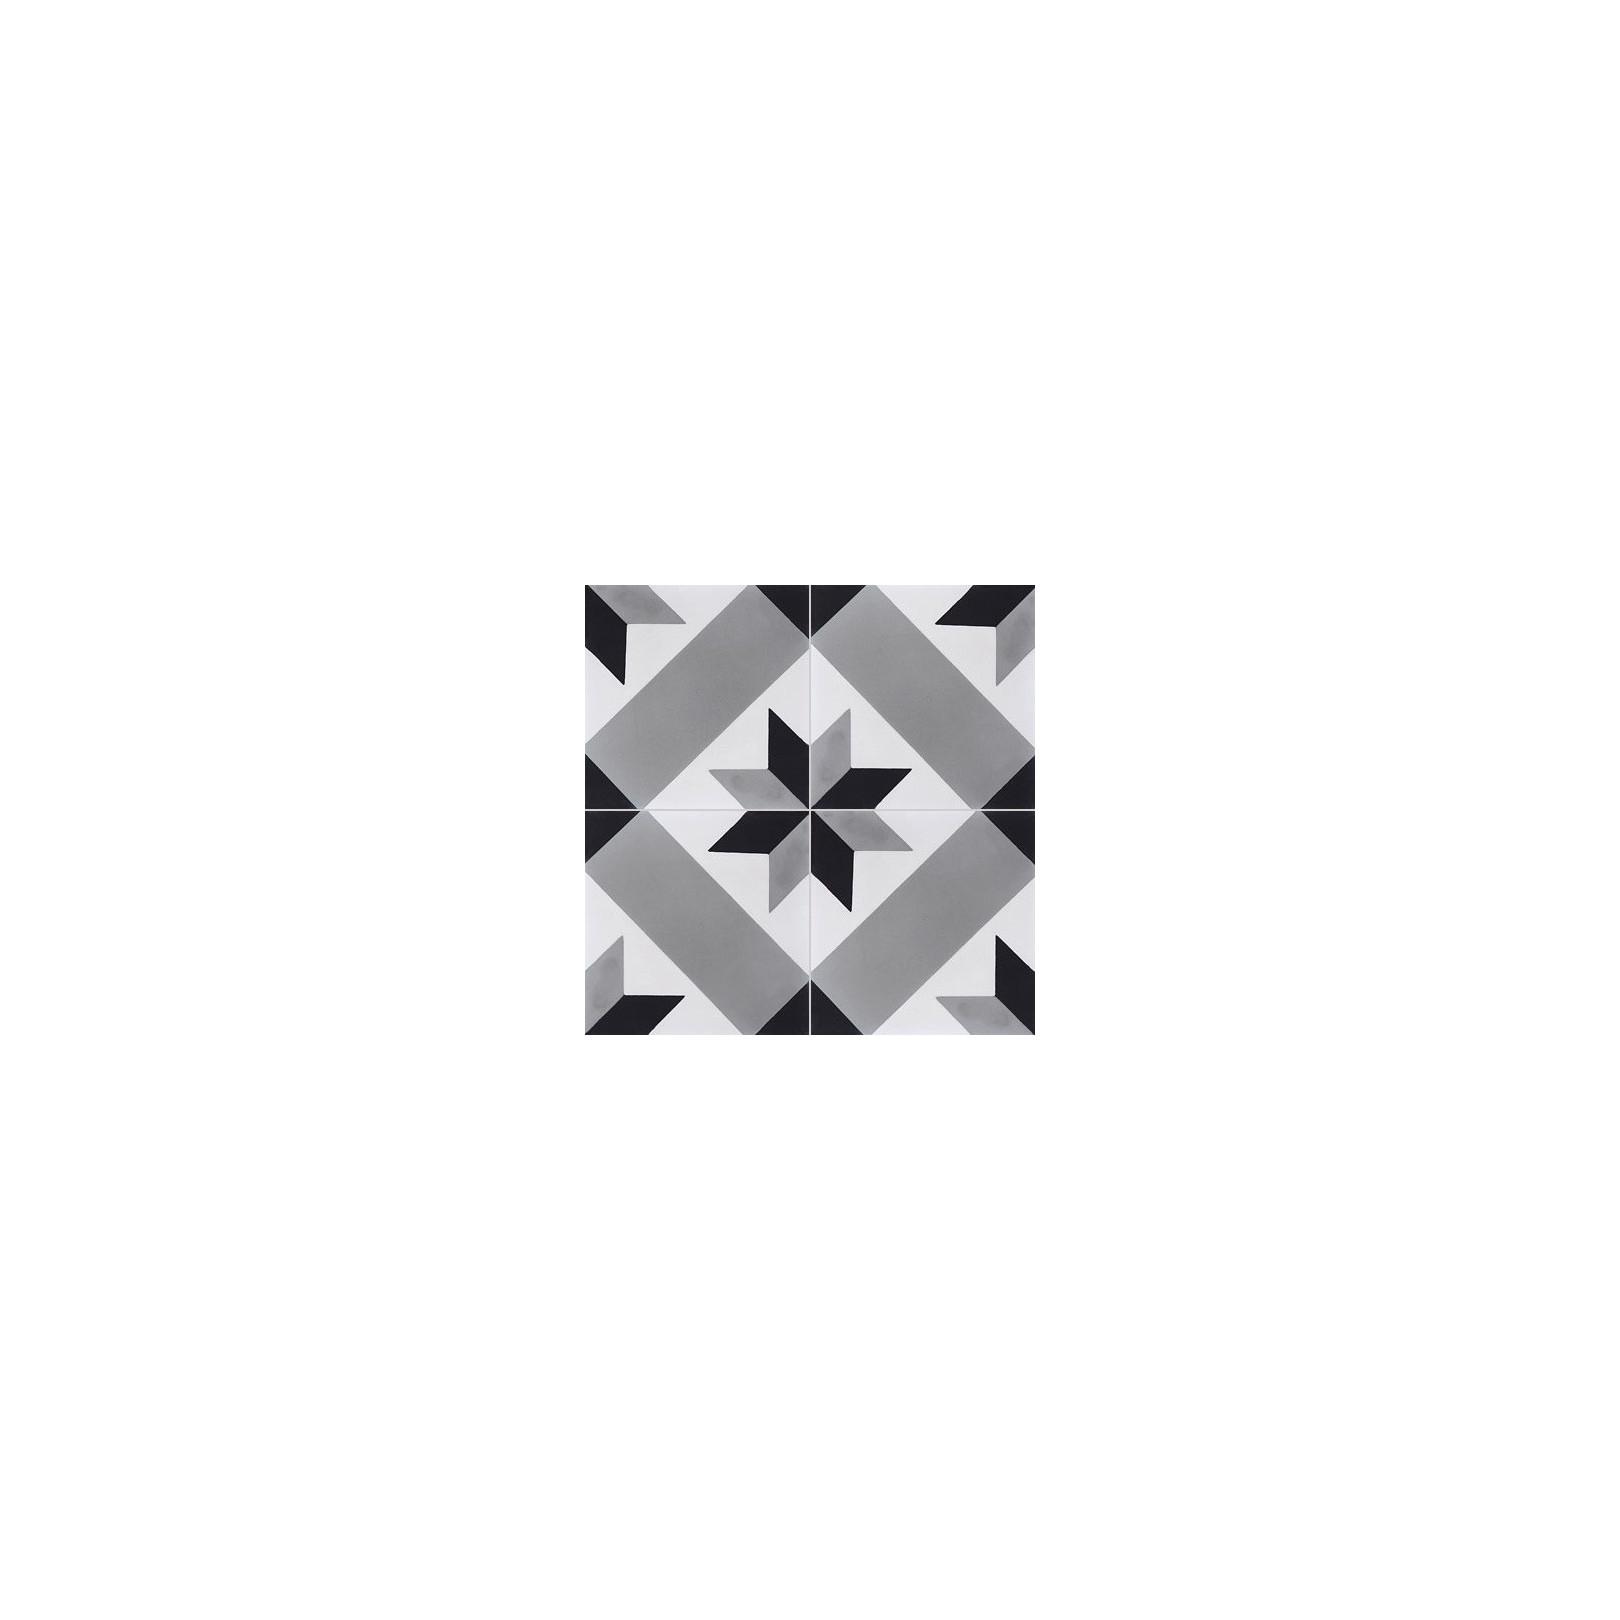 Carreau de ciment color motif gris noir et blanc t41 07 - Carreau de ciment noir et blanc ...